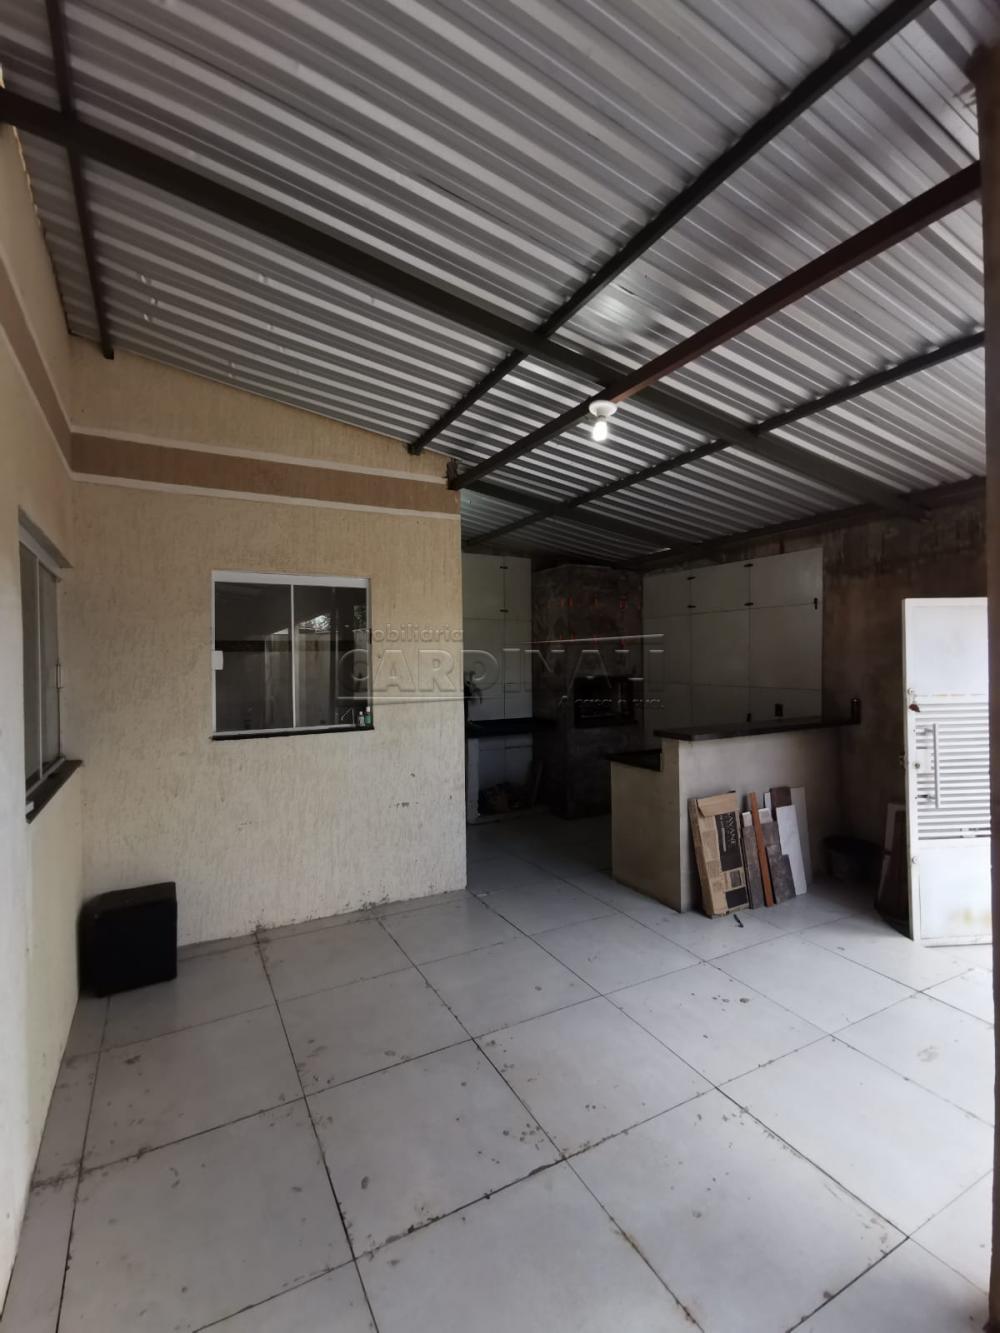 Comprar Casa / Padrão em Araraquara R$ 300.000,00 - Foto 20